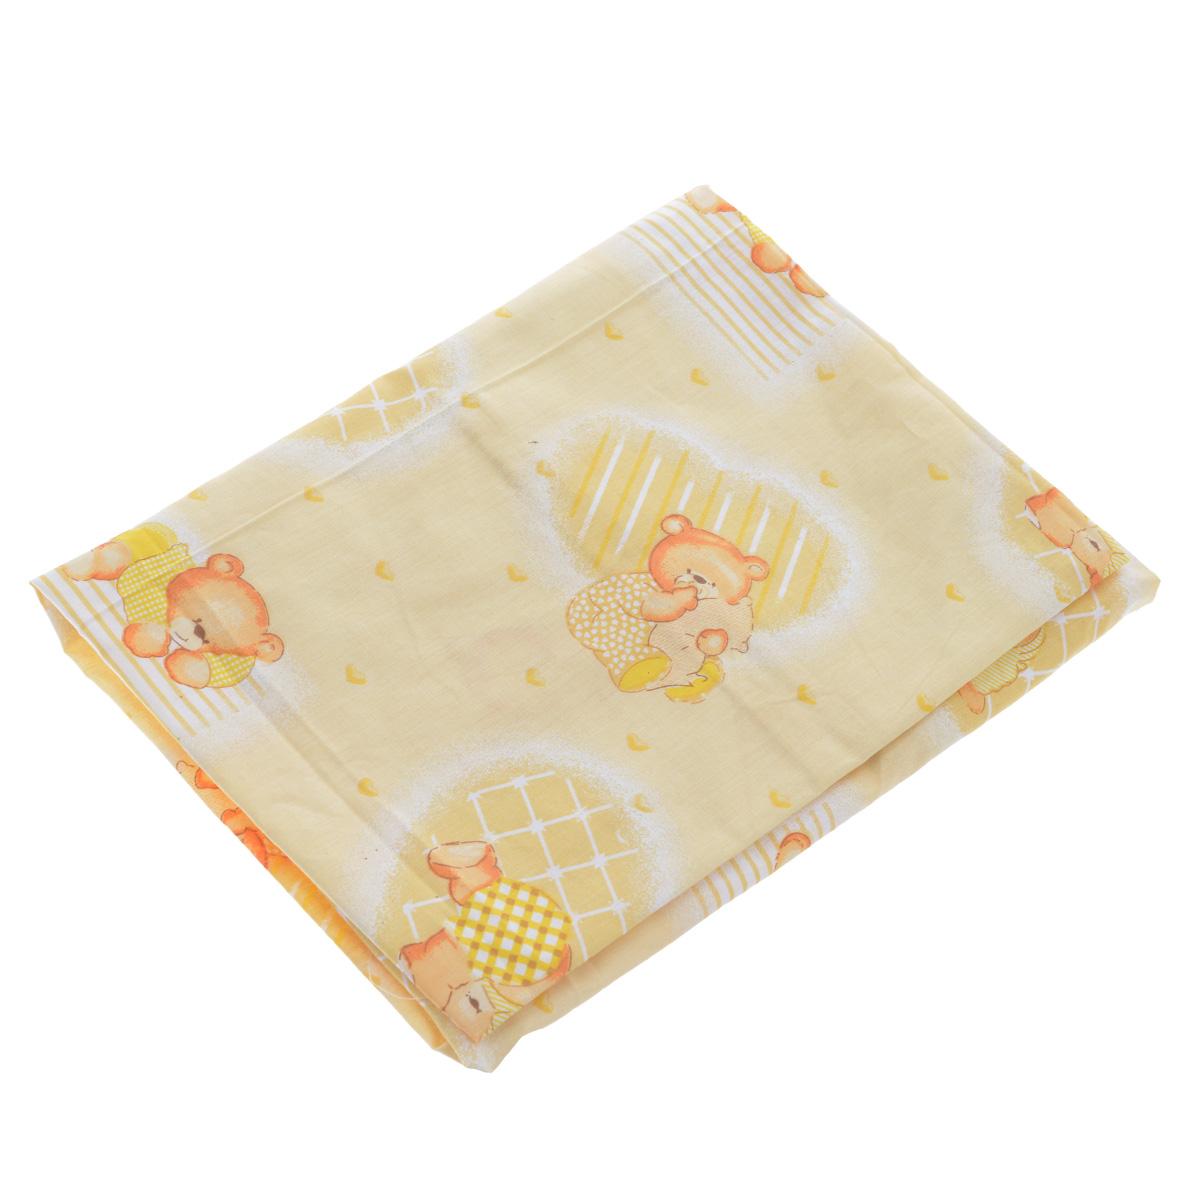 Простыня на резинке Фея Мишки, цвет: желтый, 60 см х 120 см0001049-3Мягкая простыня на резинке Фея Мишки идеально подойдет для кроватки вашего малыша и обеспечит ему здоровый сон. Она изготовлена из натурального 100% хлопка, дарящего малышу непревзойденную мягкость. Простыня с помощью специальной резинки растягивается на матрасе. Она не сомнется и не скомкается, как бы не вертелся ребенок. Подарите вашему малышу комфорт и удобство!